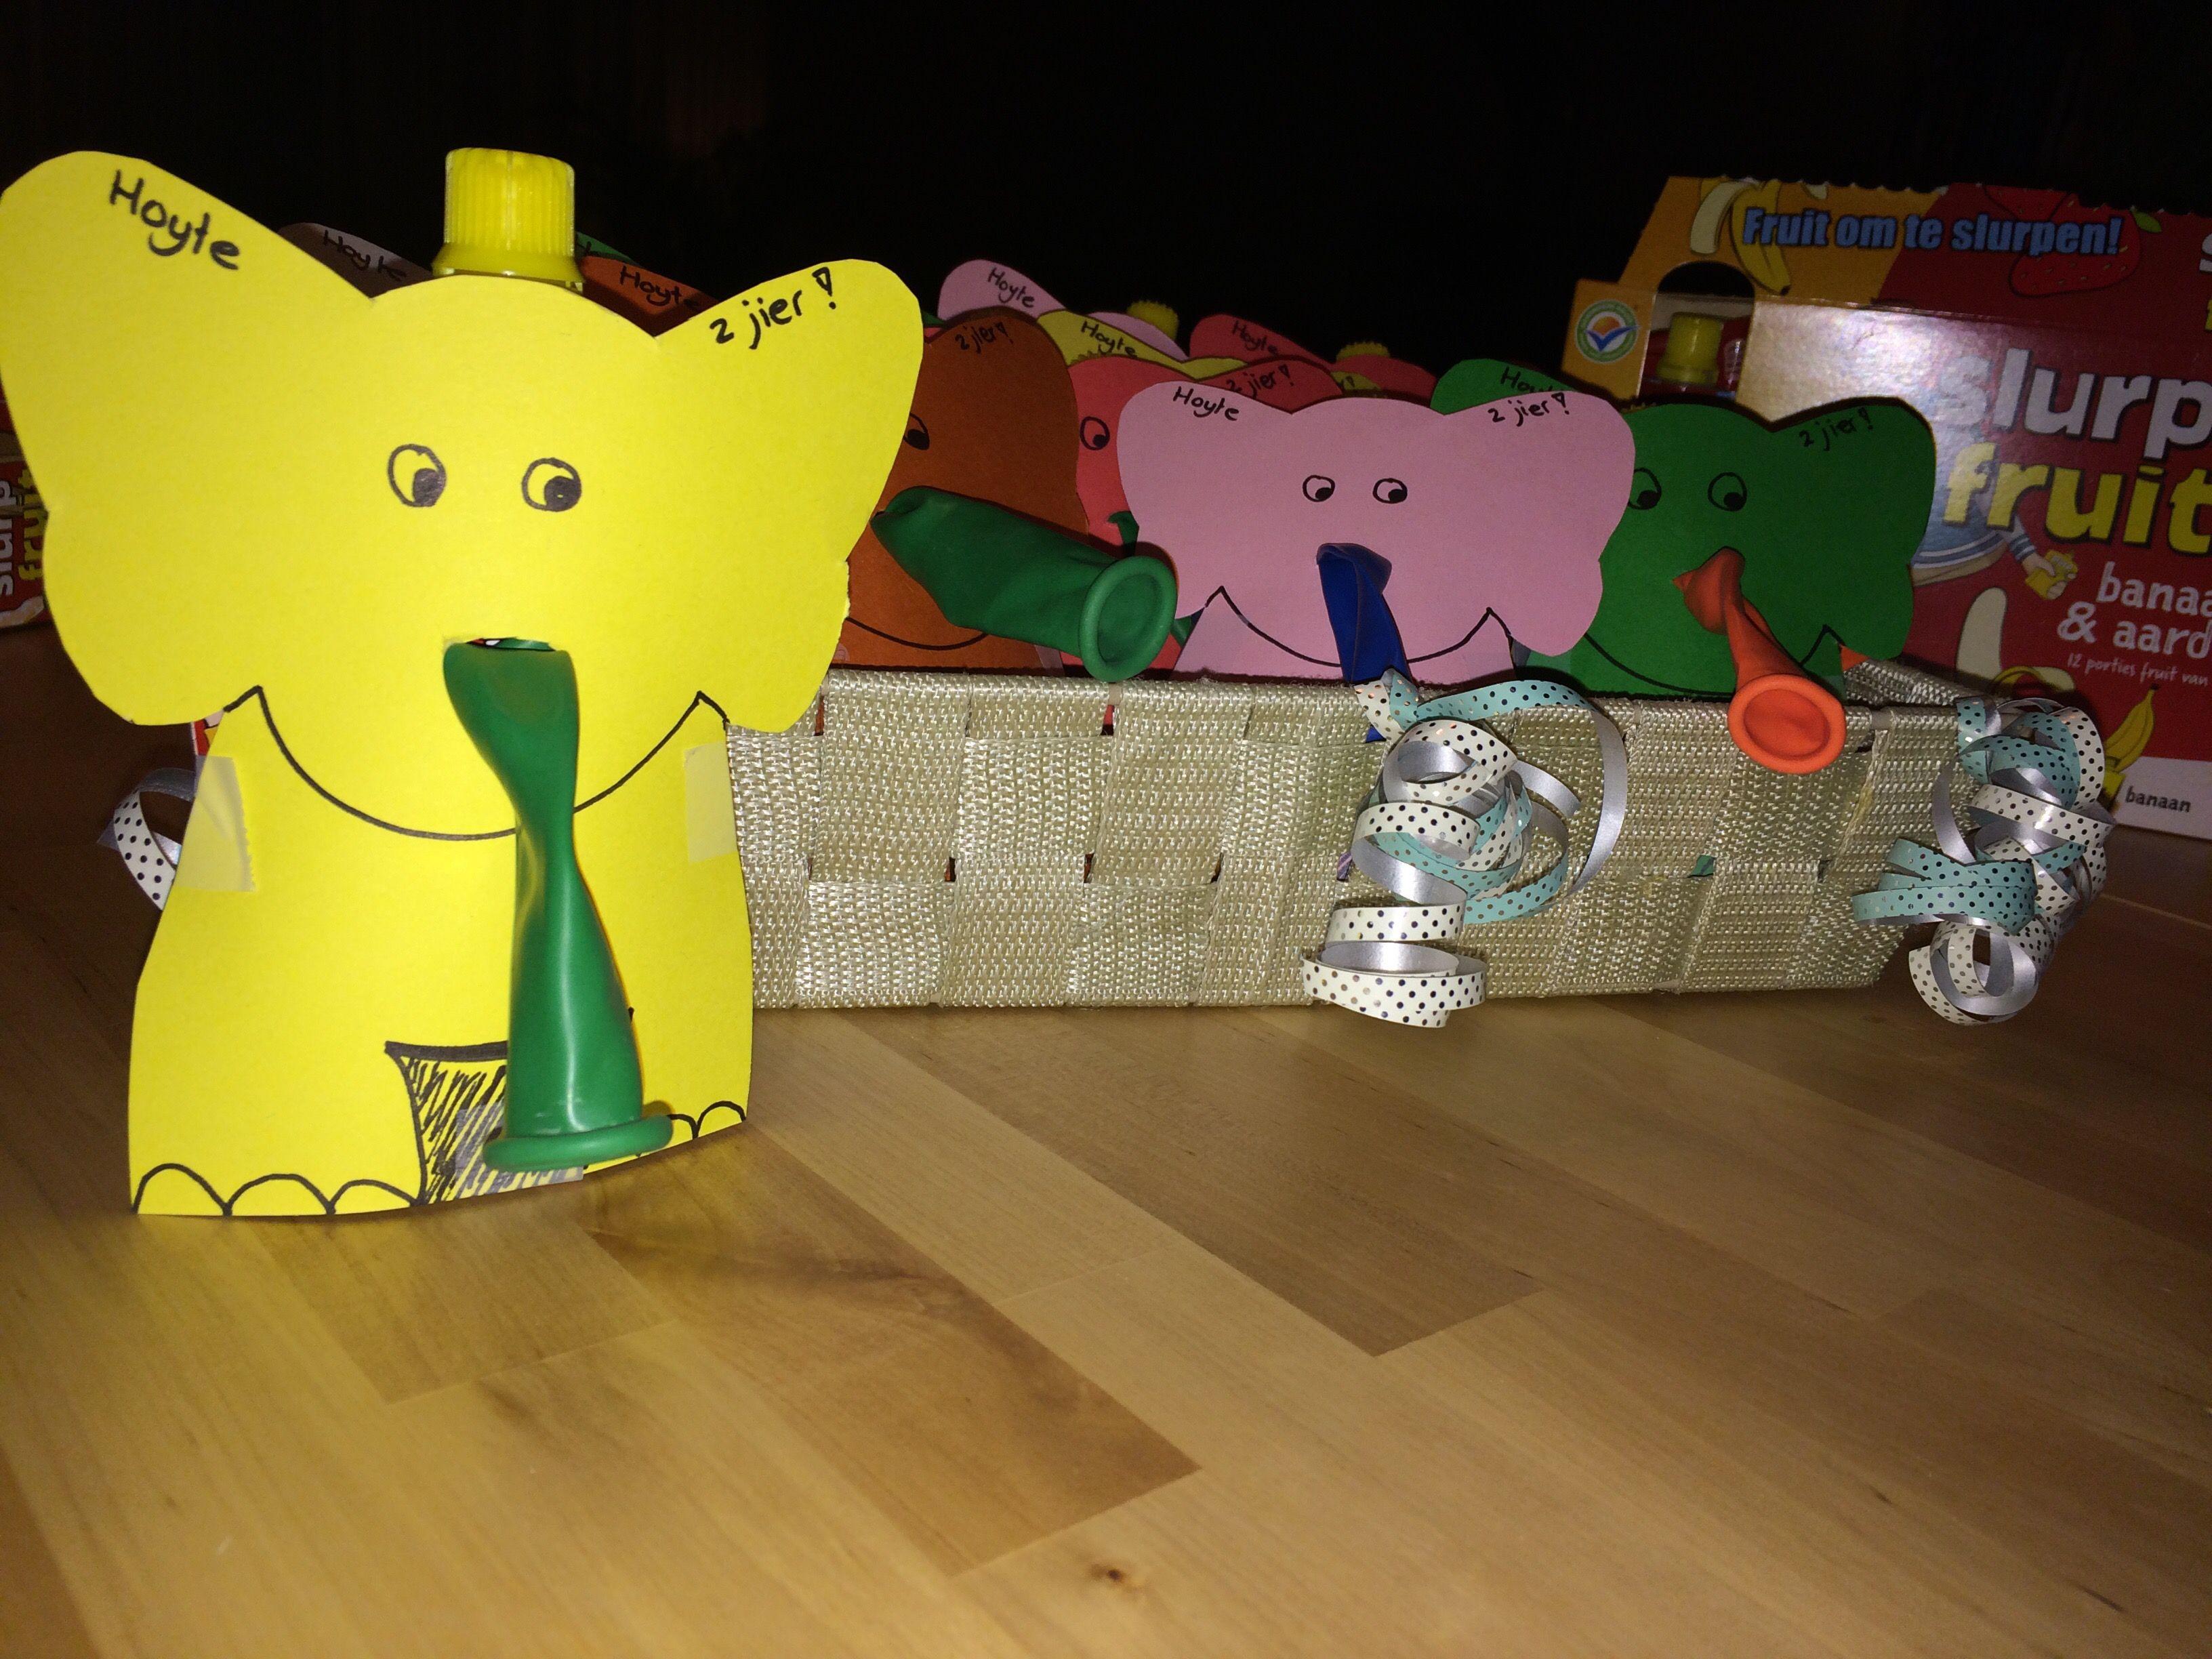 Knijpfruit traktatie Geknipte olifant uit stevig papier slurf van een bounce ballon geplakt op het zakje van het knijpfruit